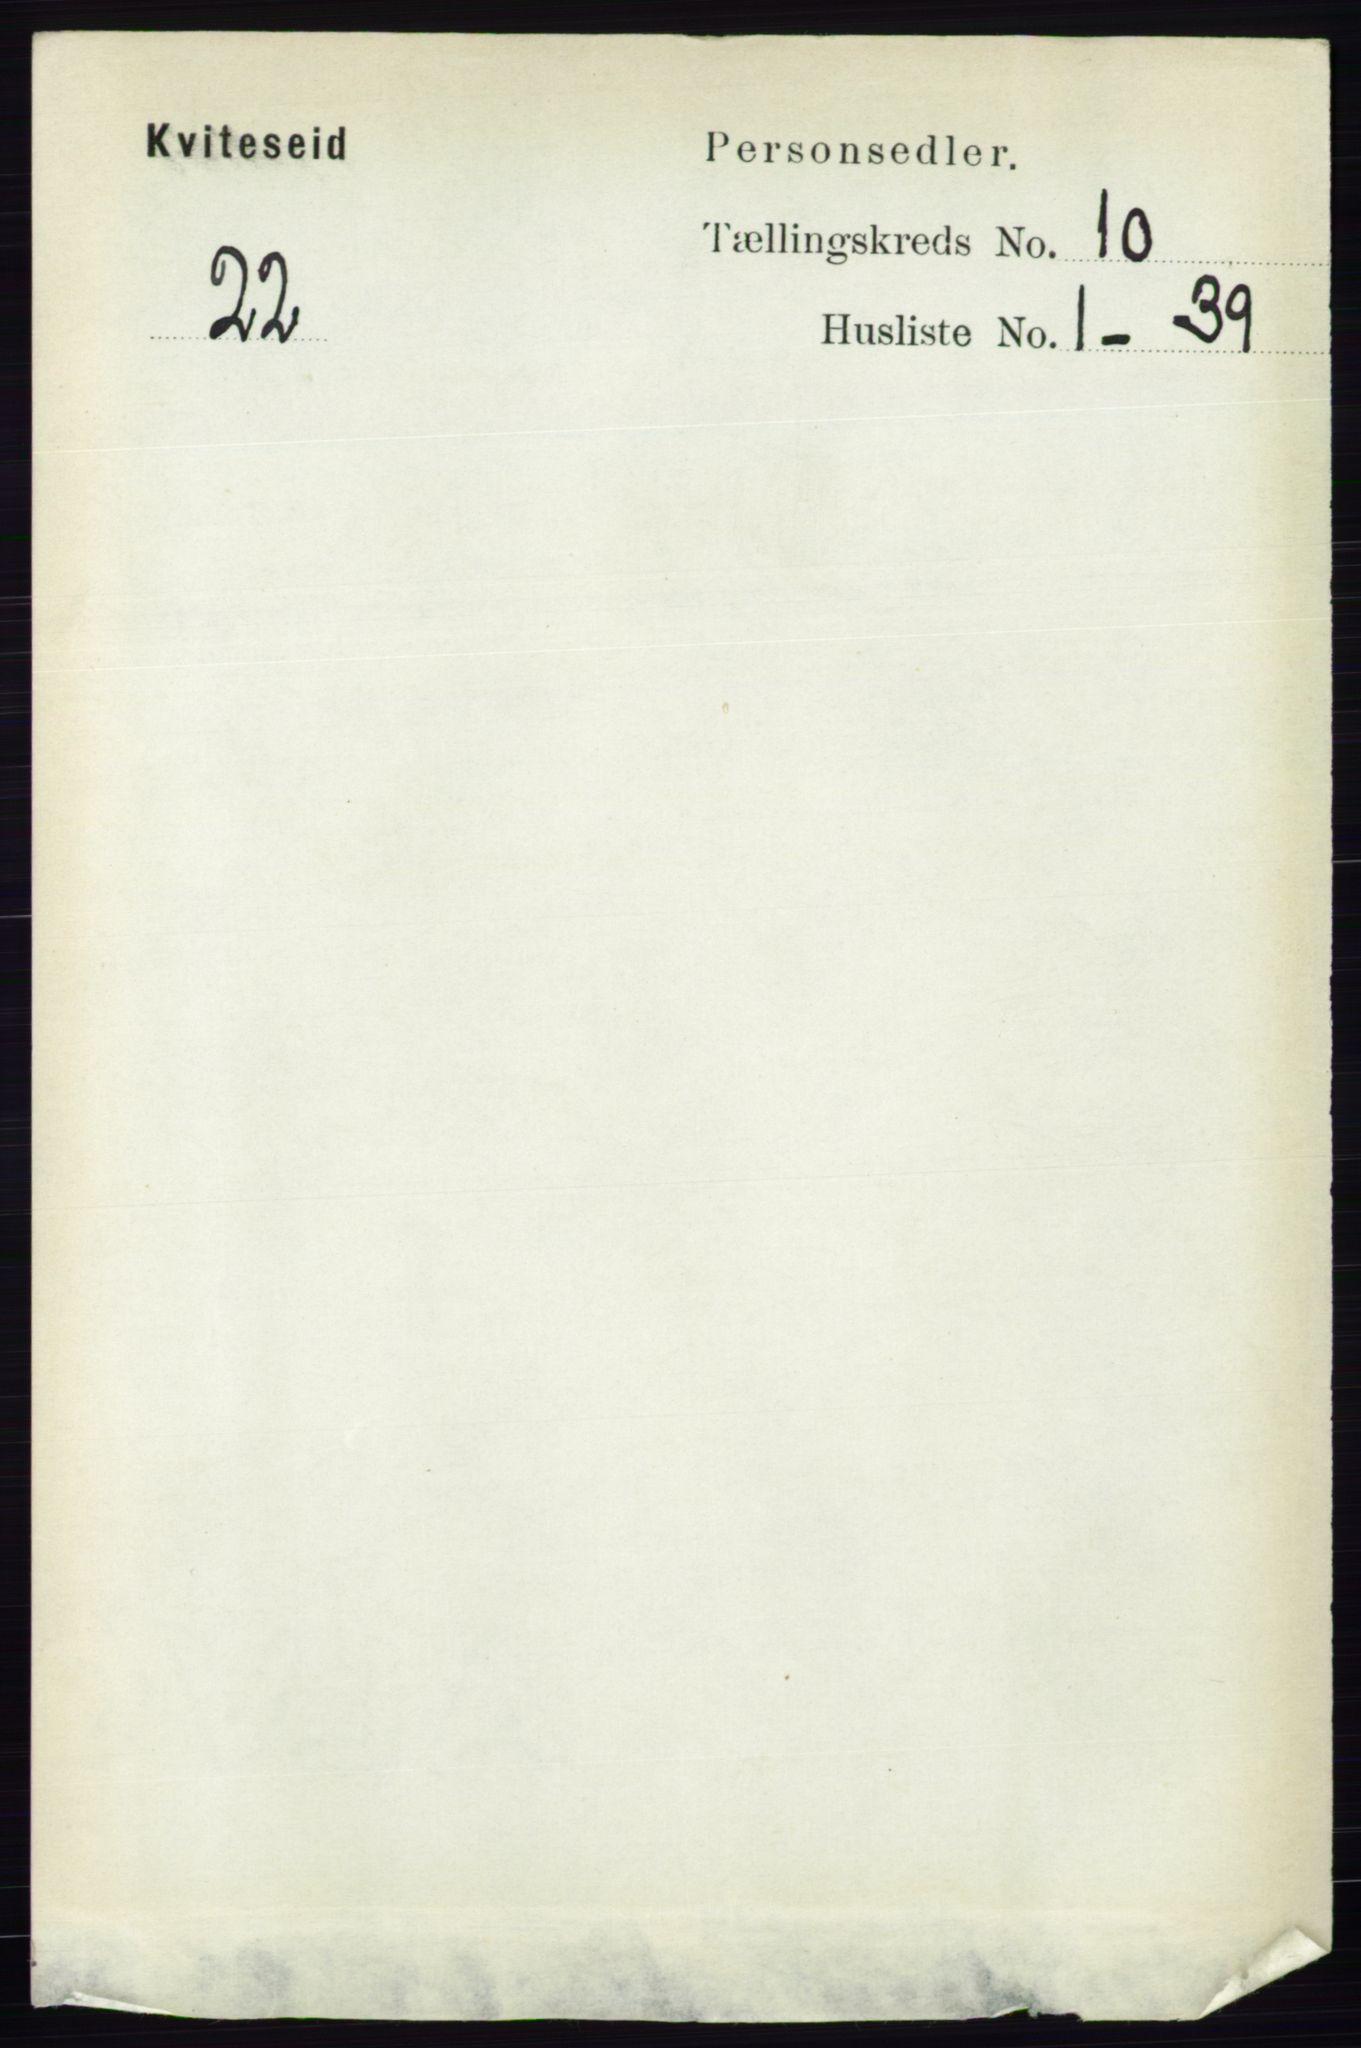 RA, Folketelling 1891 for 0829 Kviteseid herred, 1891, s. 2278